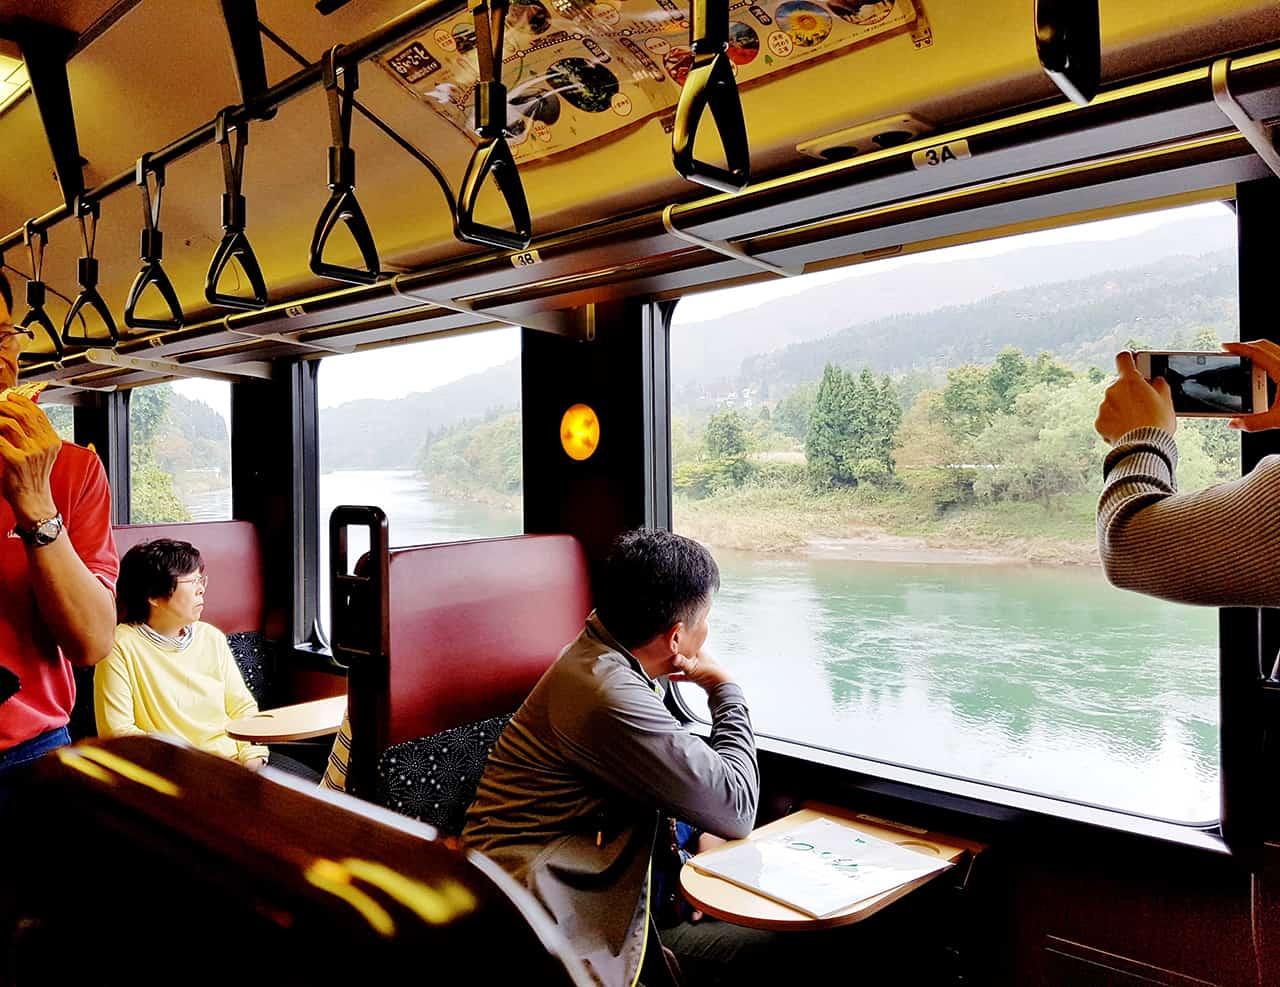 ระหว่างการเดินทางโดย Oykot Train สามารถดื่มด่ำบรรยากาศของวิวทิวทัศน์สวยๆ ได้ตลอดสองข้างทาง